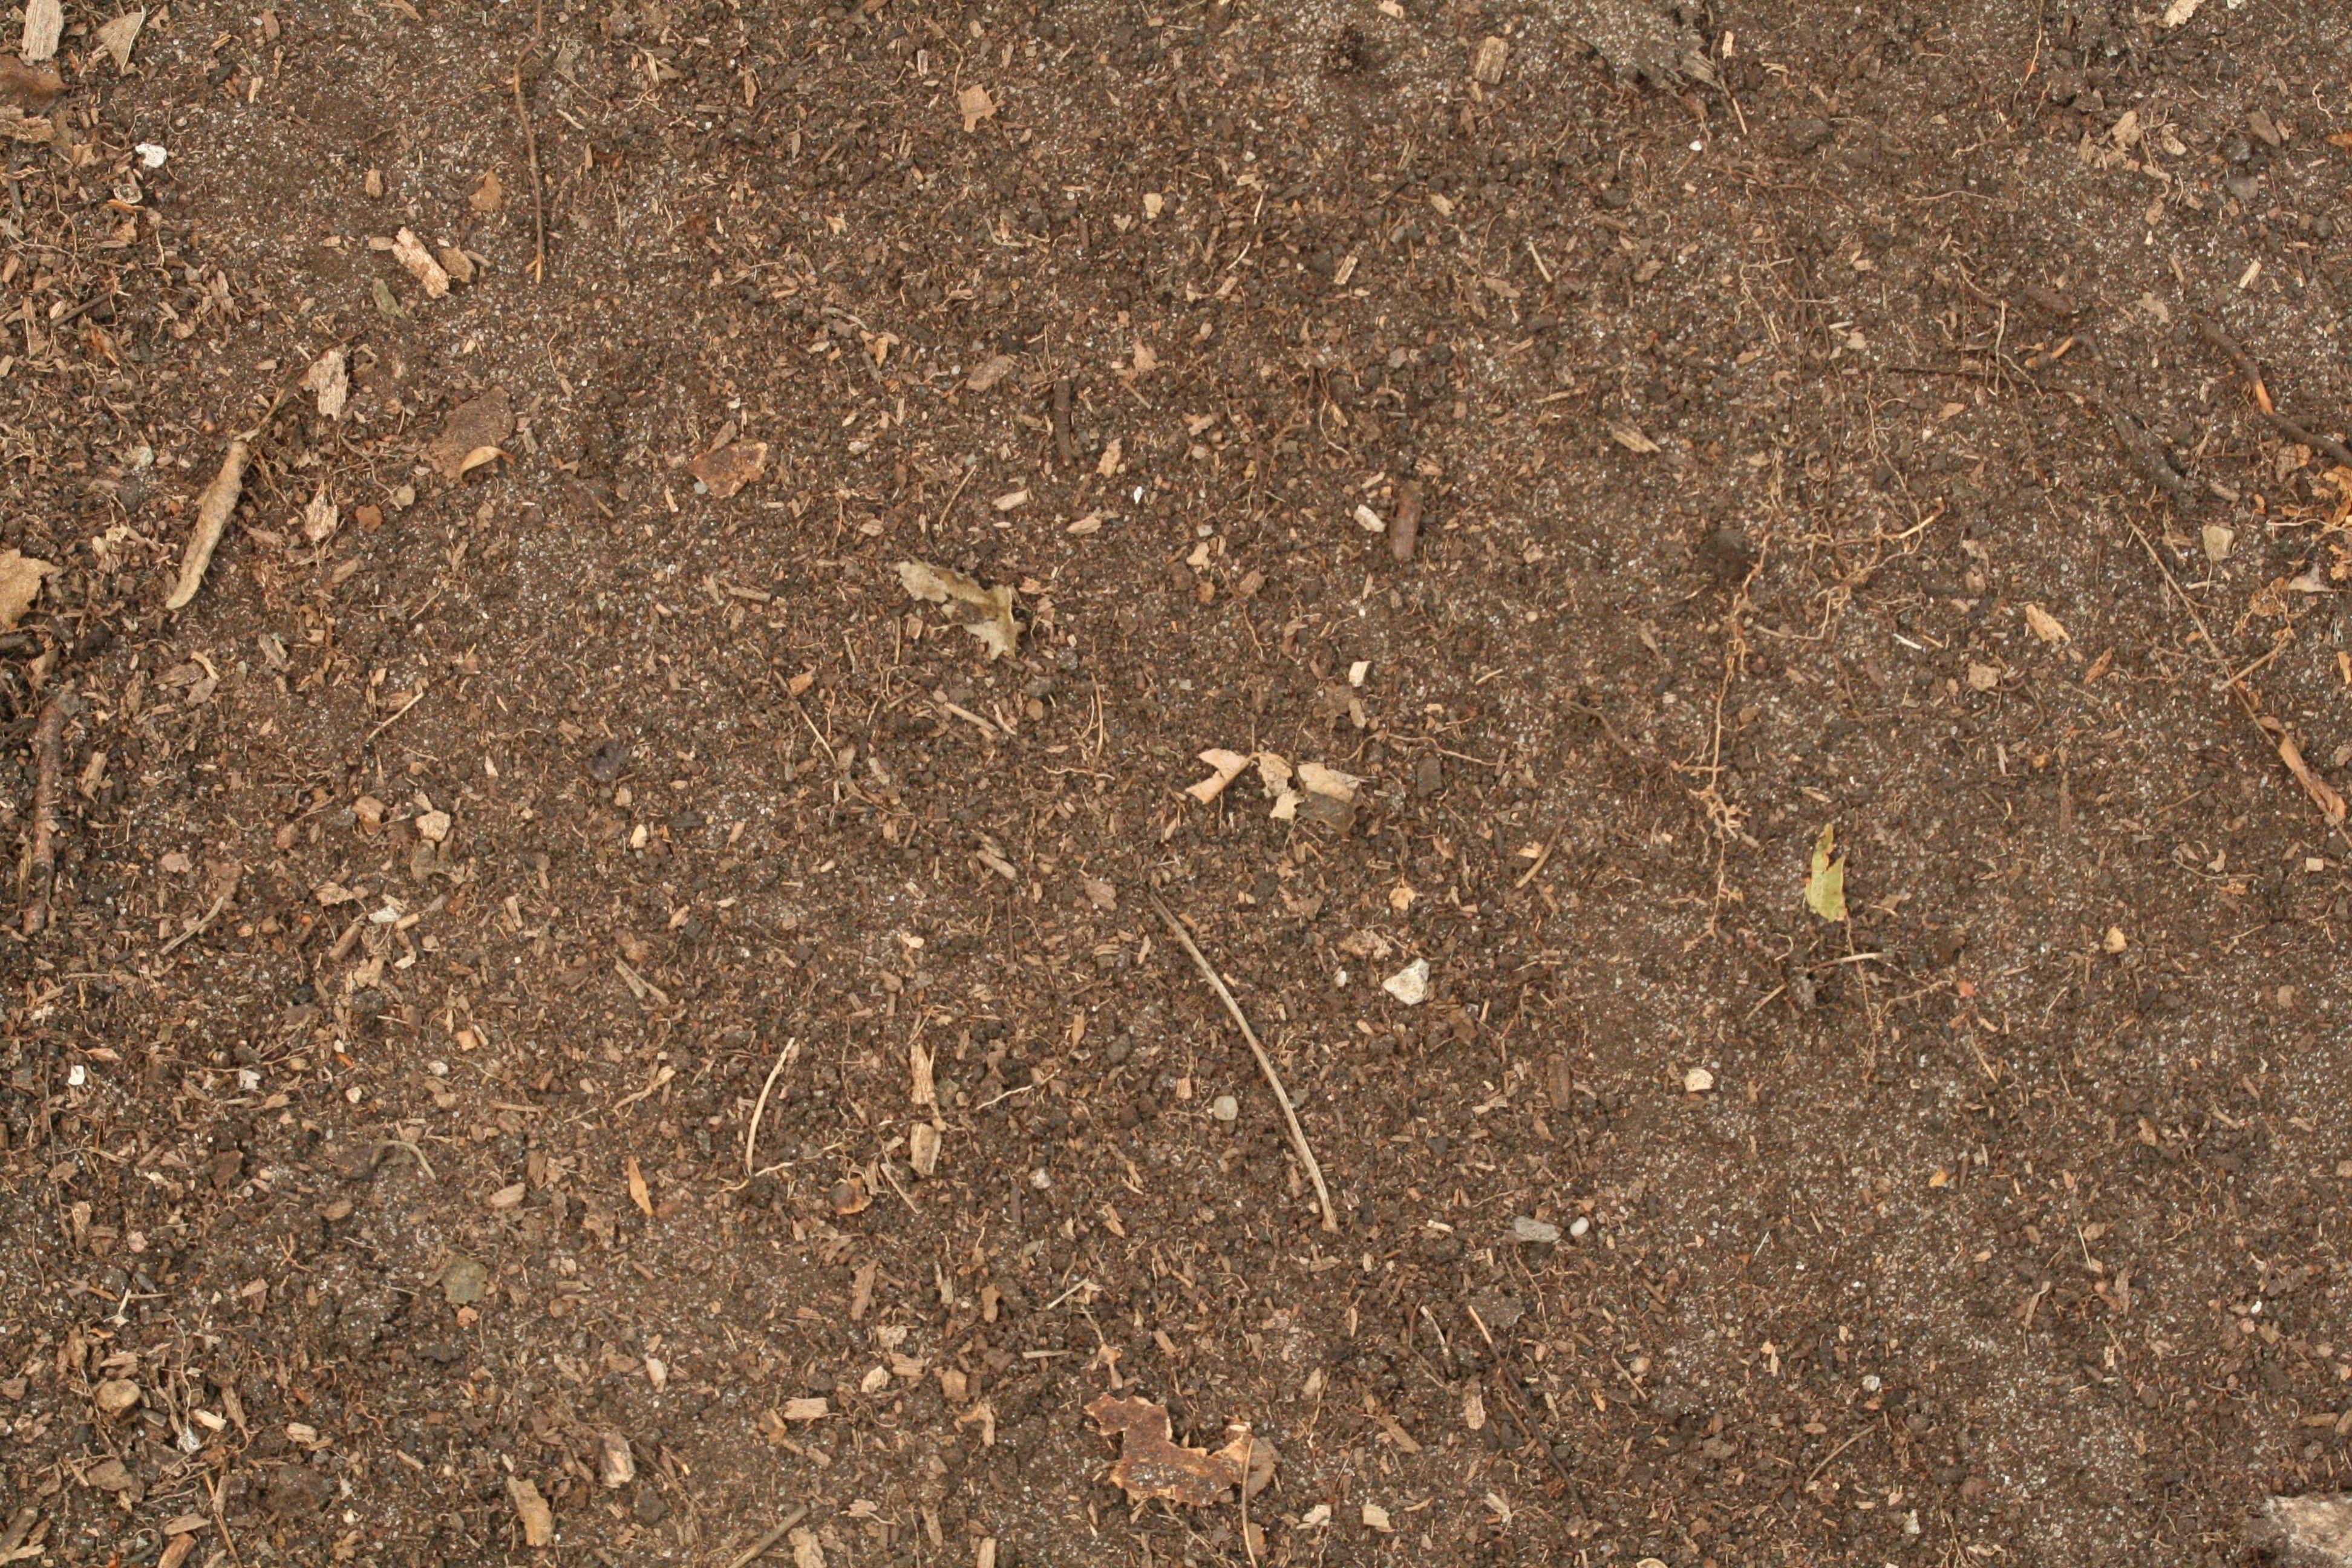 dark dirt texture seamless. Http://www.texturemate.com/image/view/1235/ · Dirt Texture ParadiseTomatoesHeavenHeavens Dark Seamless T